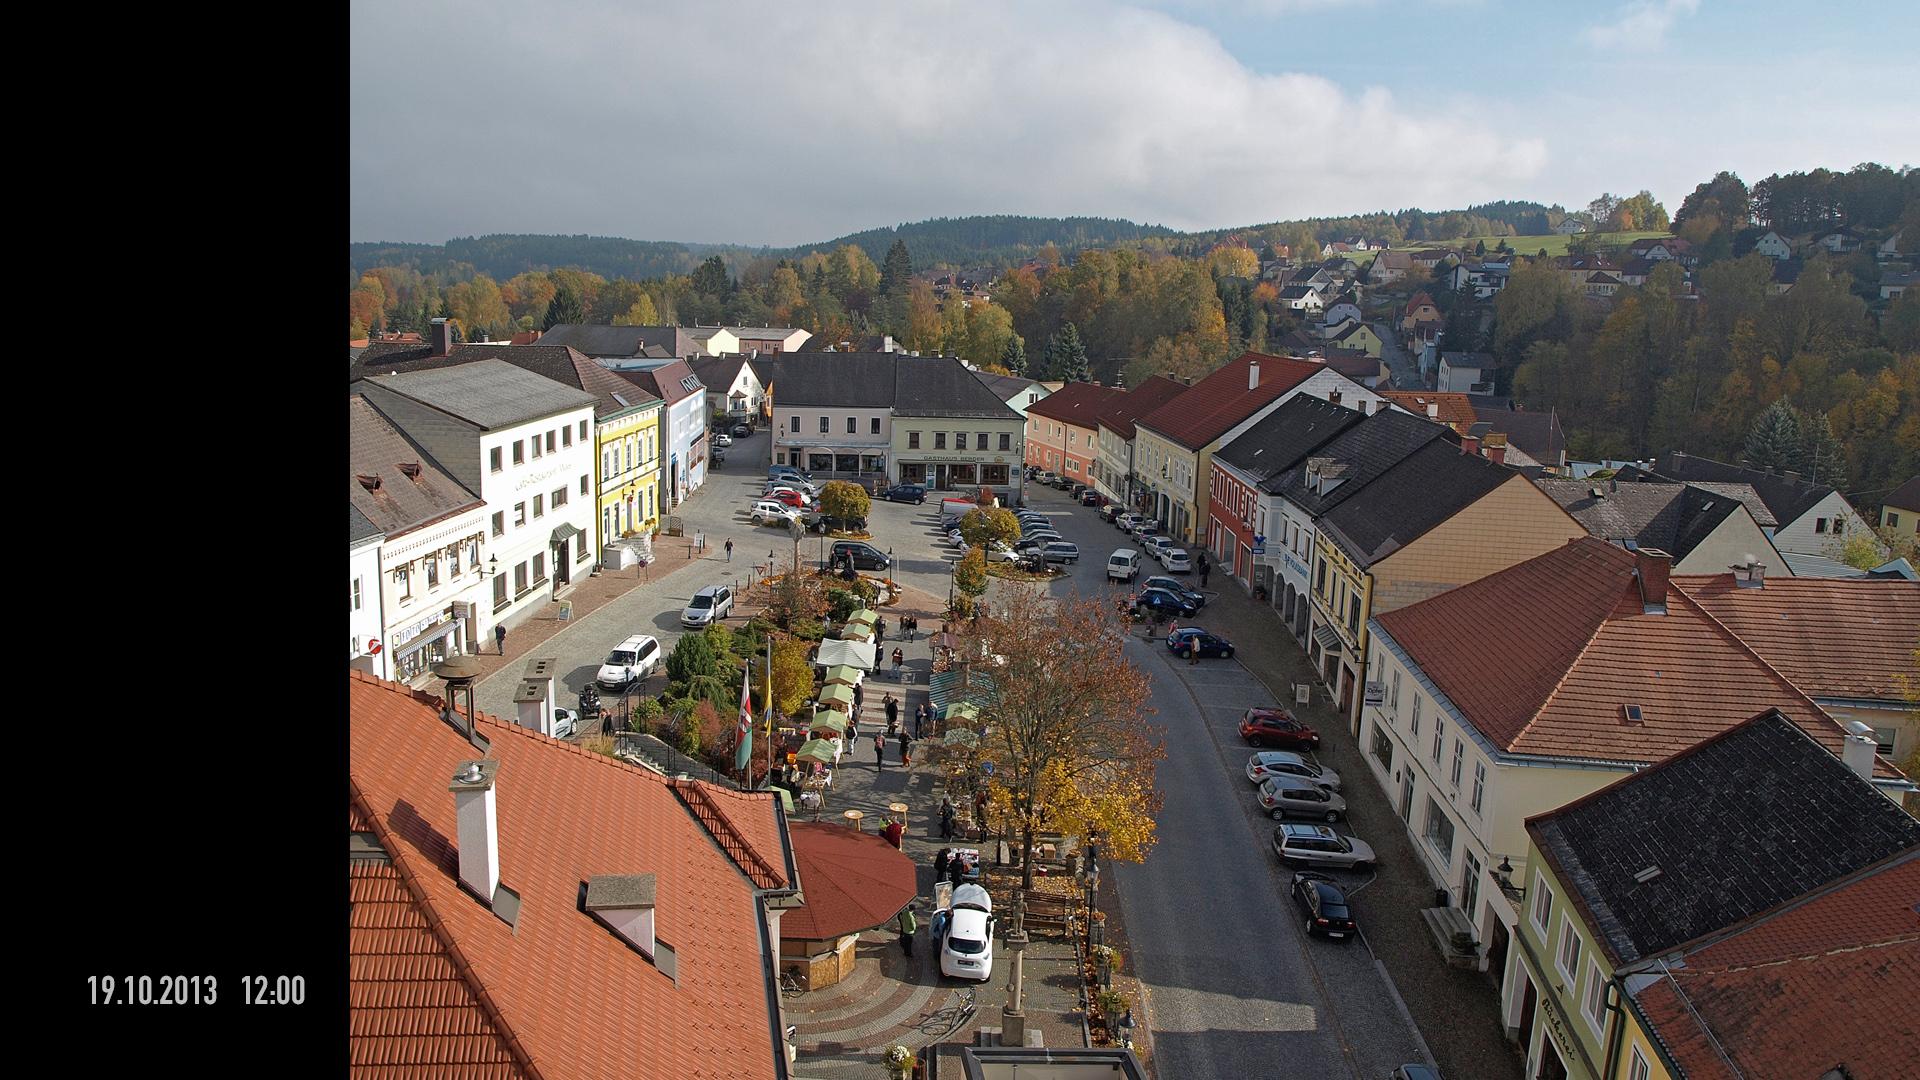 Zeitraffer Heidenreichstein 2013-10-19 12h00.jpg